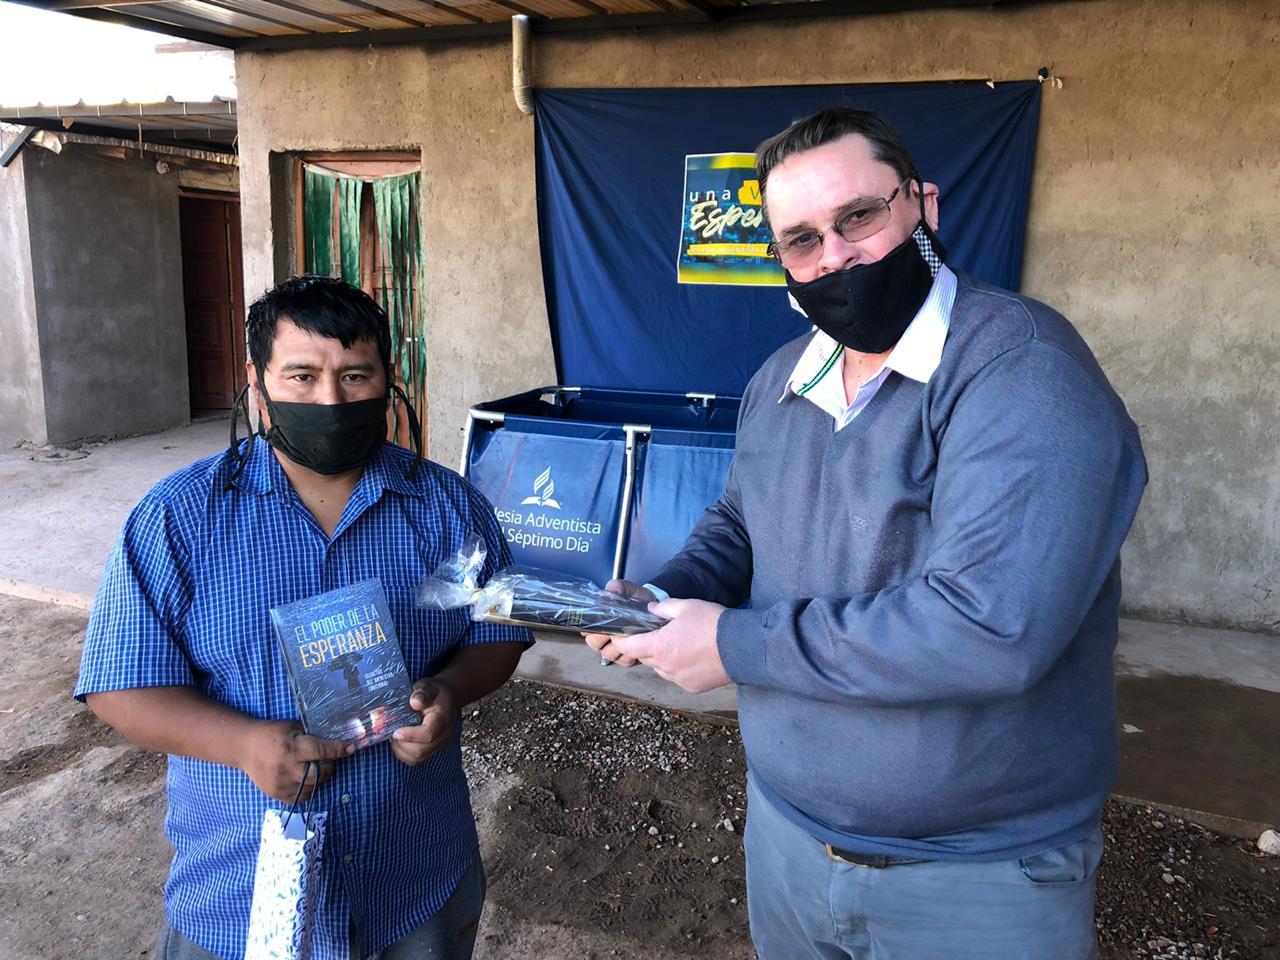 Diego Armando Maraza recibe materiales después de su bautismo